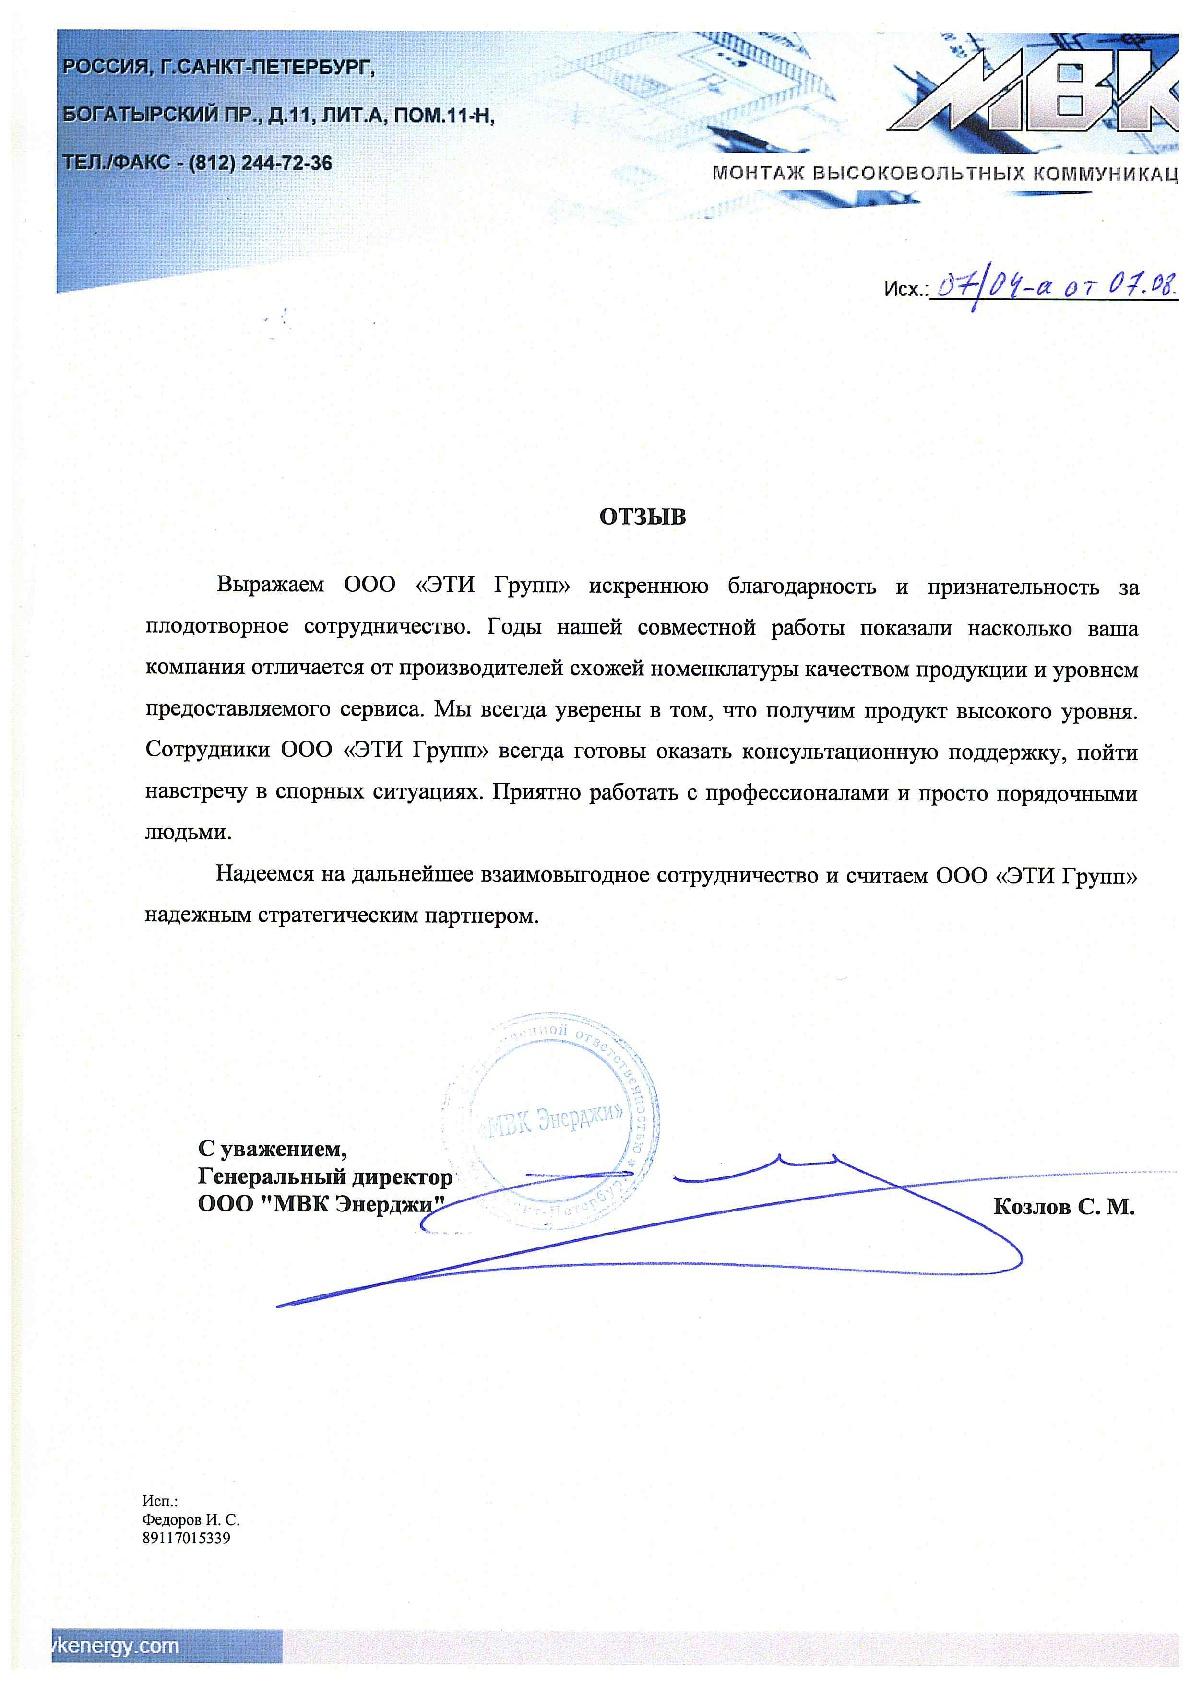 """Отзыв от ООО """"МВК Энерджи"""""""